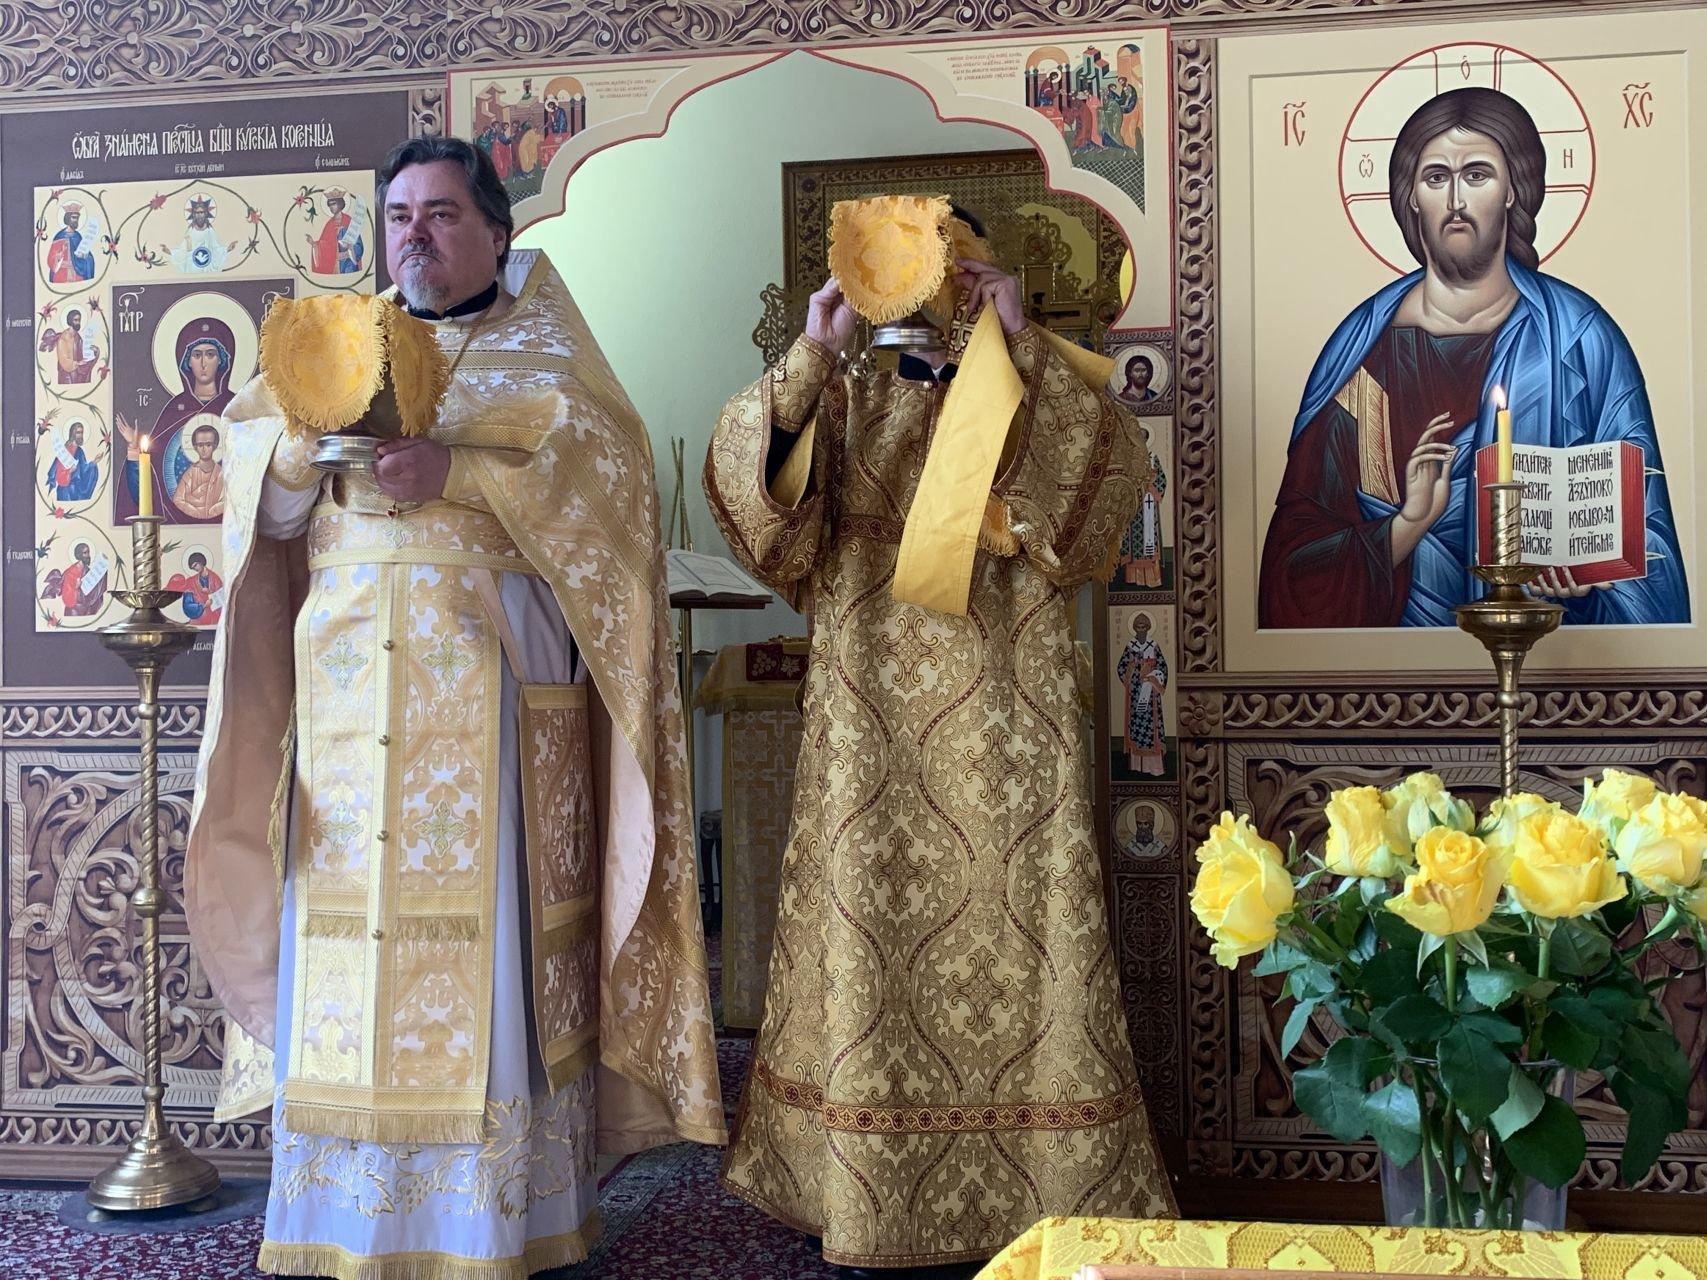 Ulm-russische-kirche.de 20200707 010